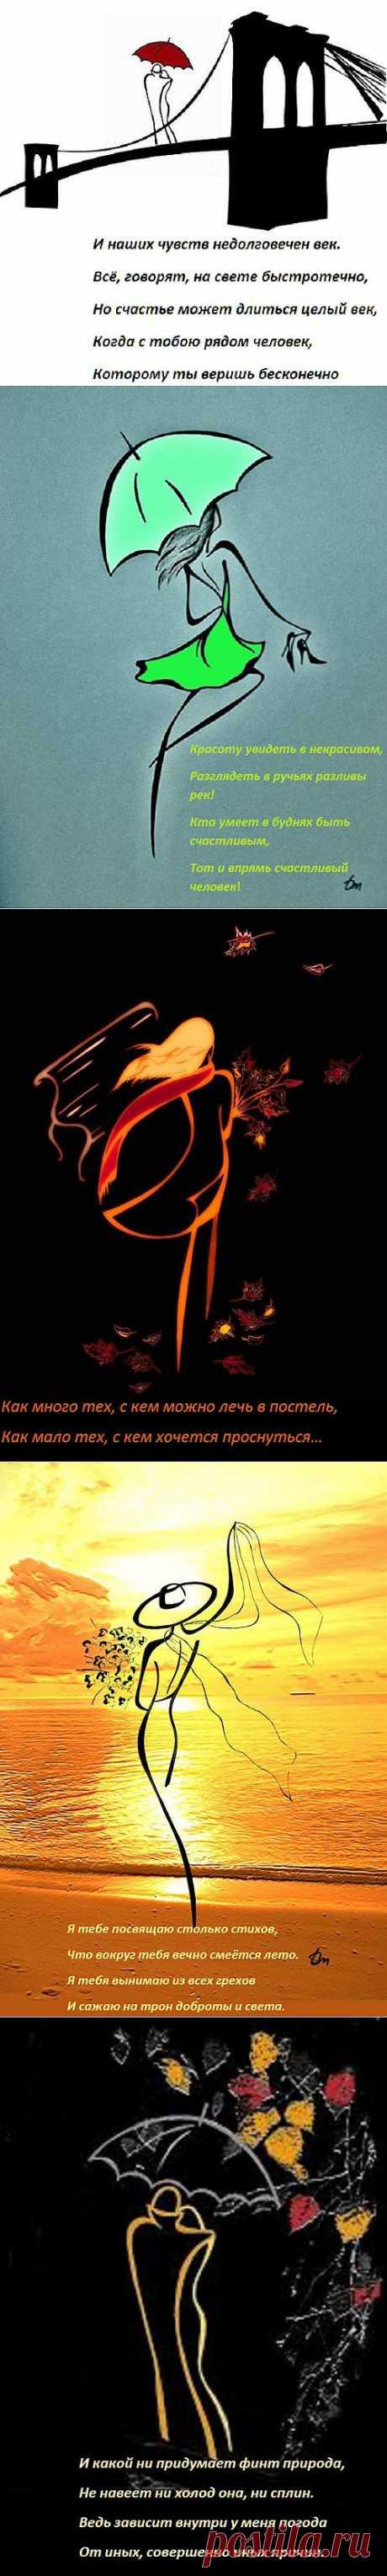 Простые истины в творчестве Эдуарда Асадова и Татьяны Марковцевой.